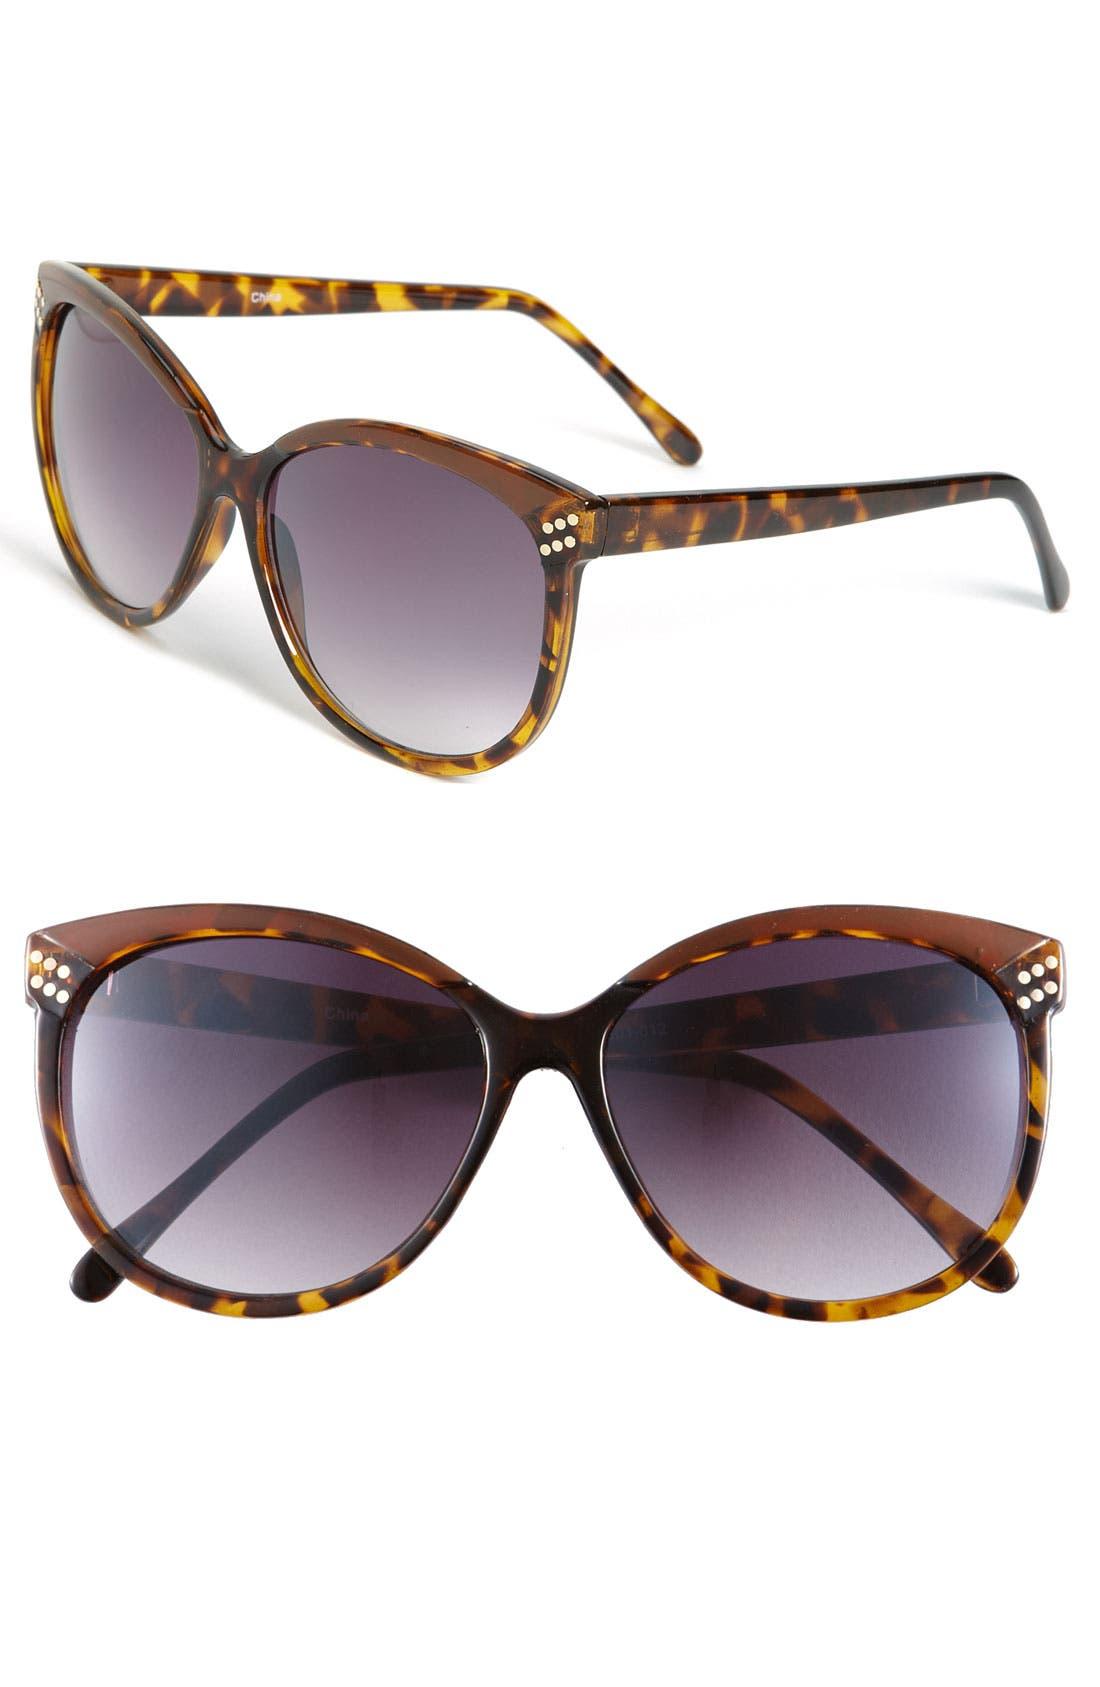 Main Image - Icon Eyewear 'Lily' Sunglasses